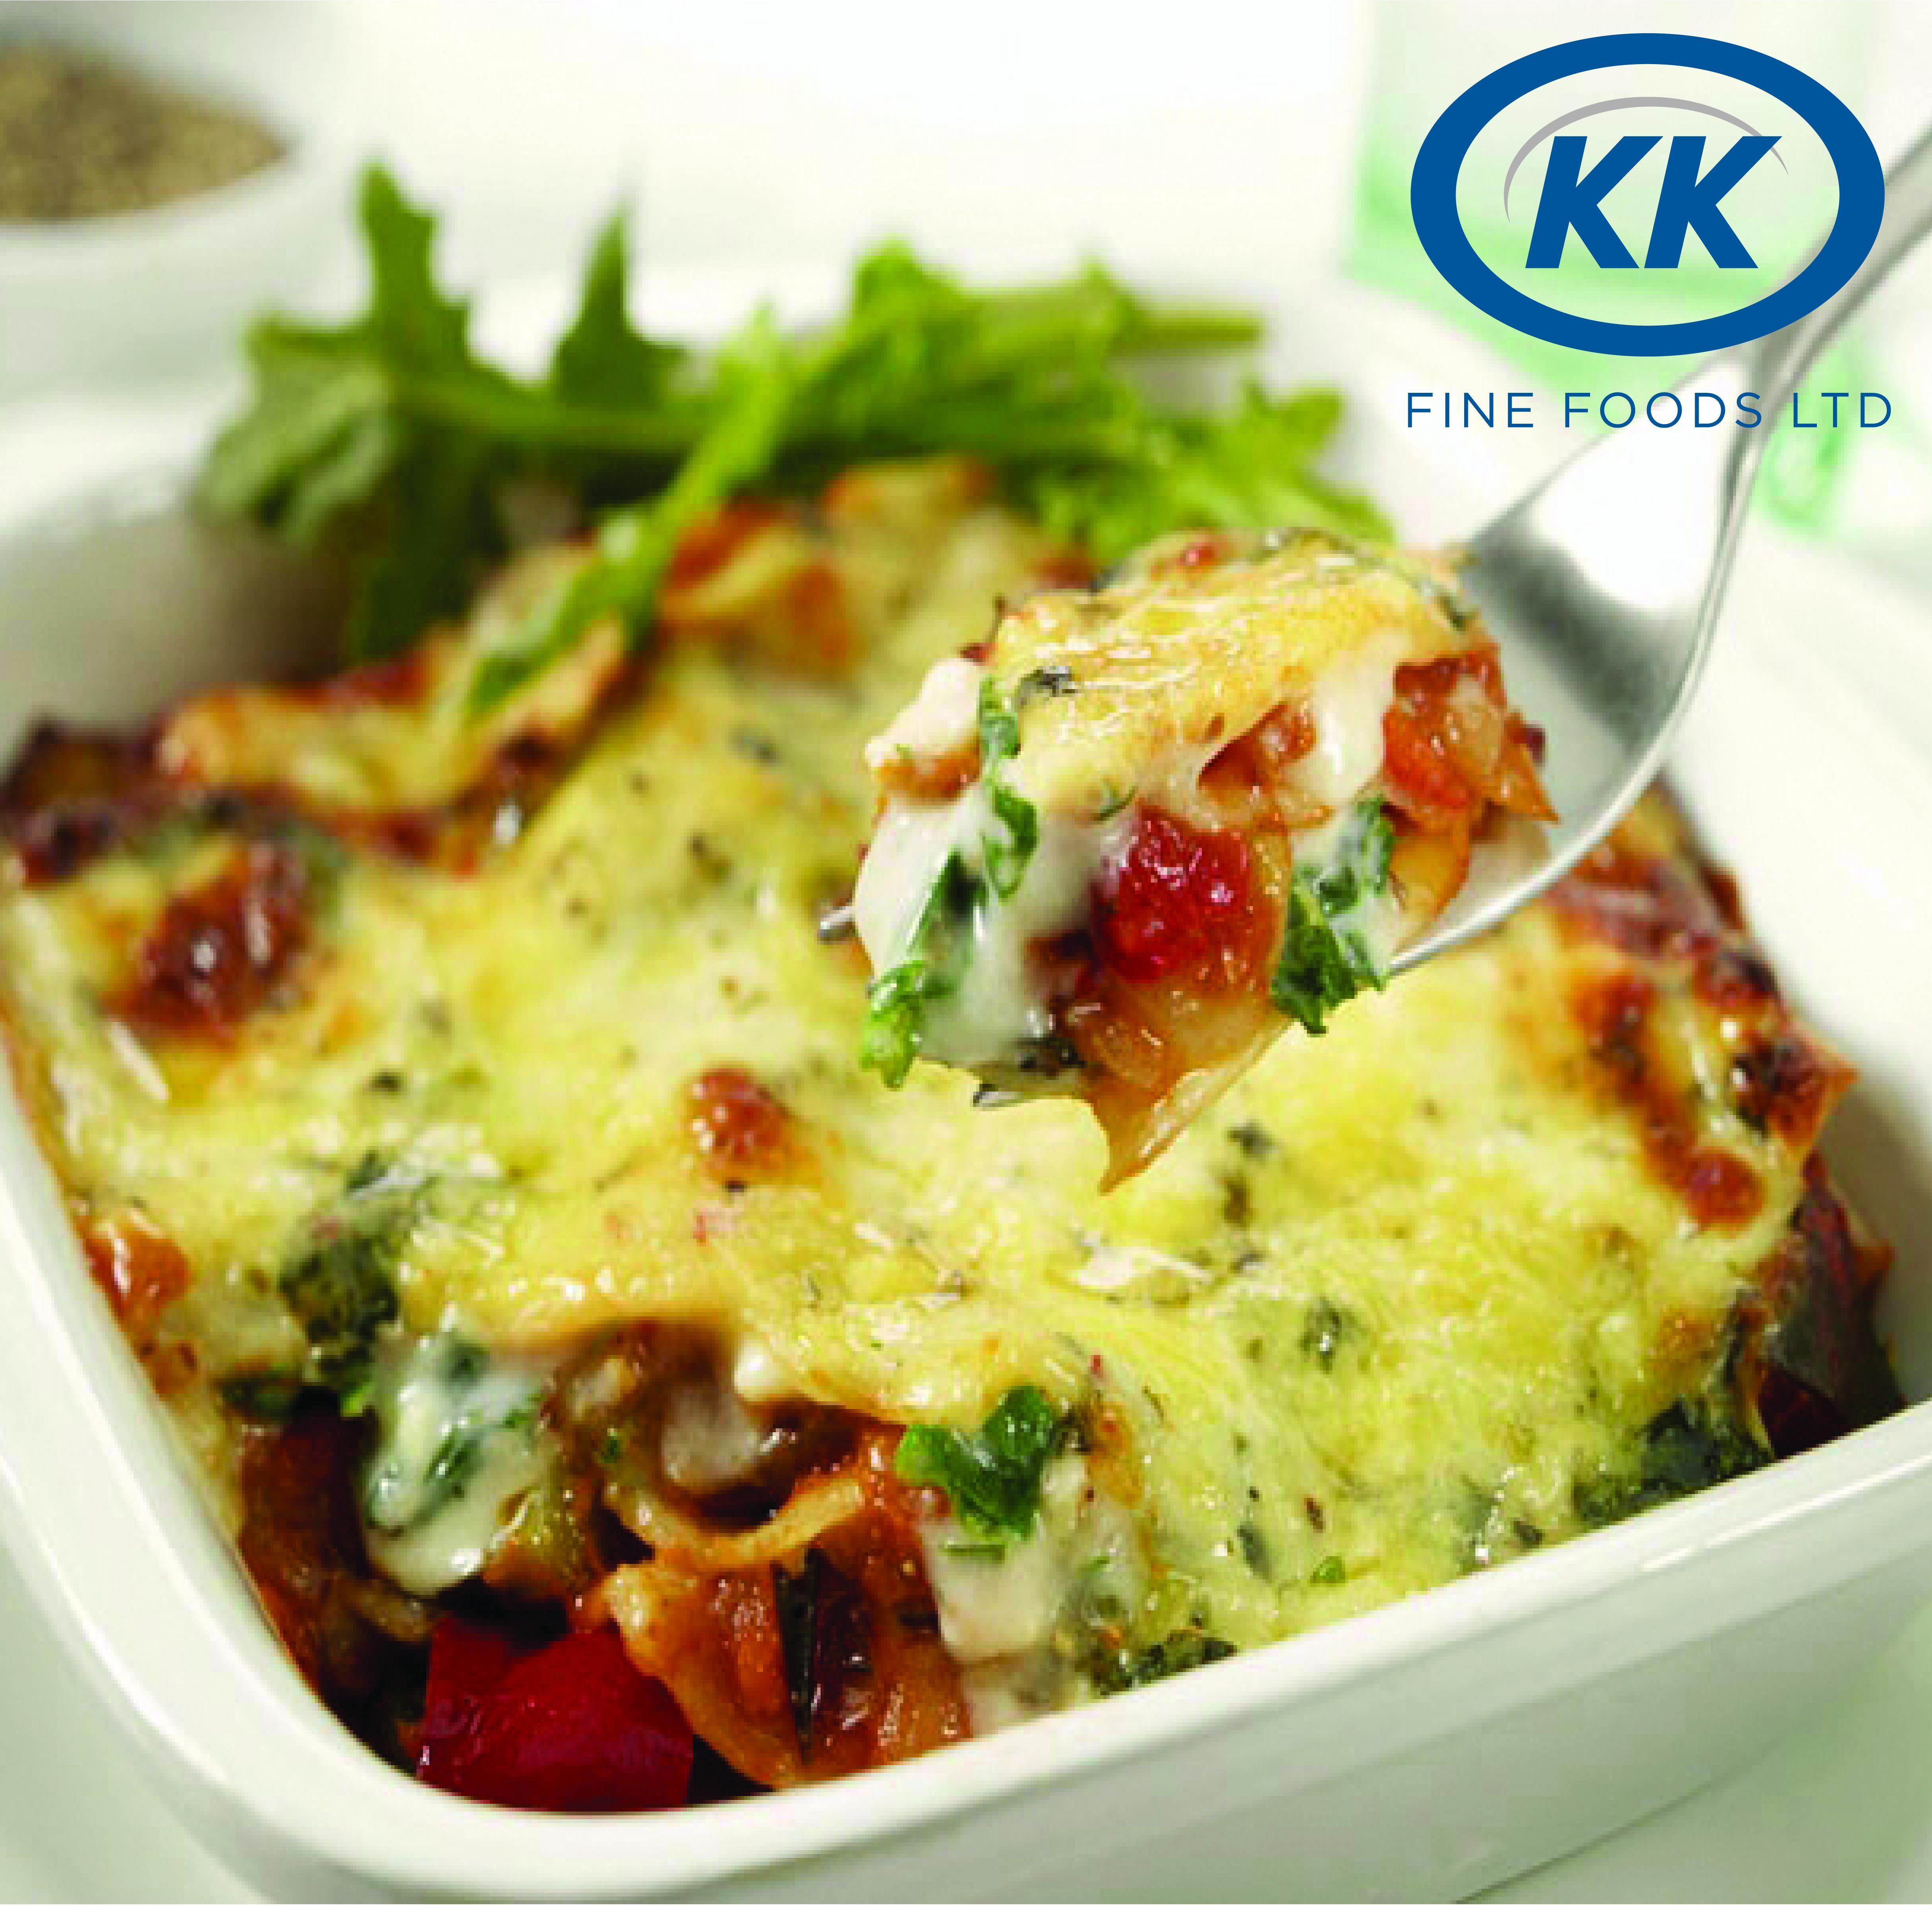 K.K Fine Foods Vegetable Lasagne 12 x 350g